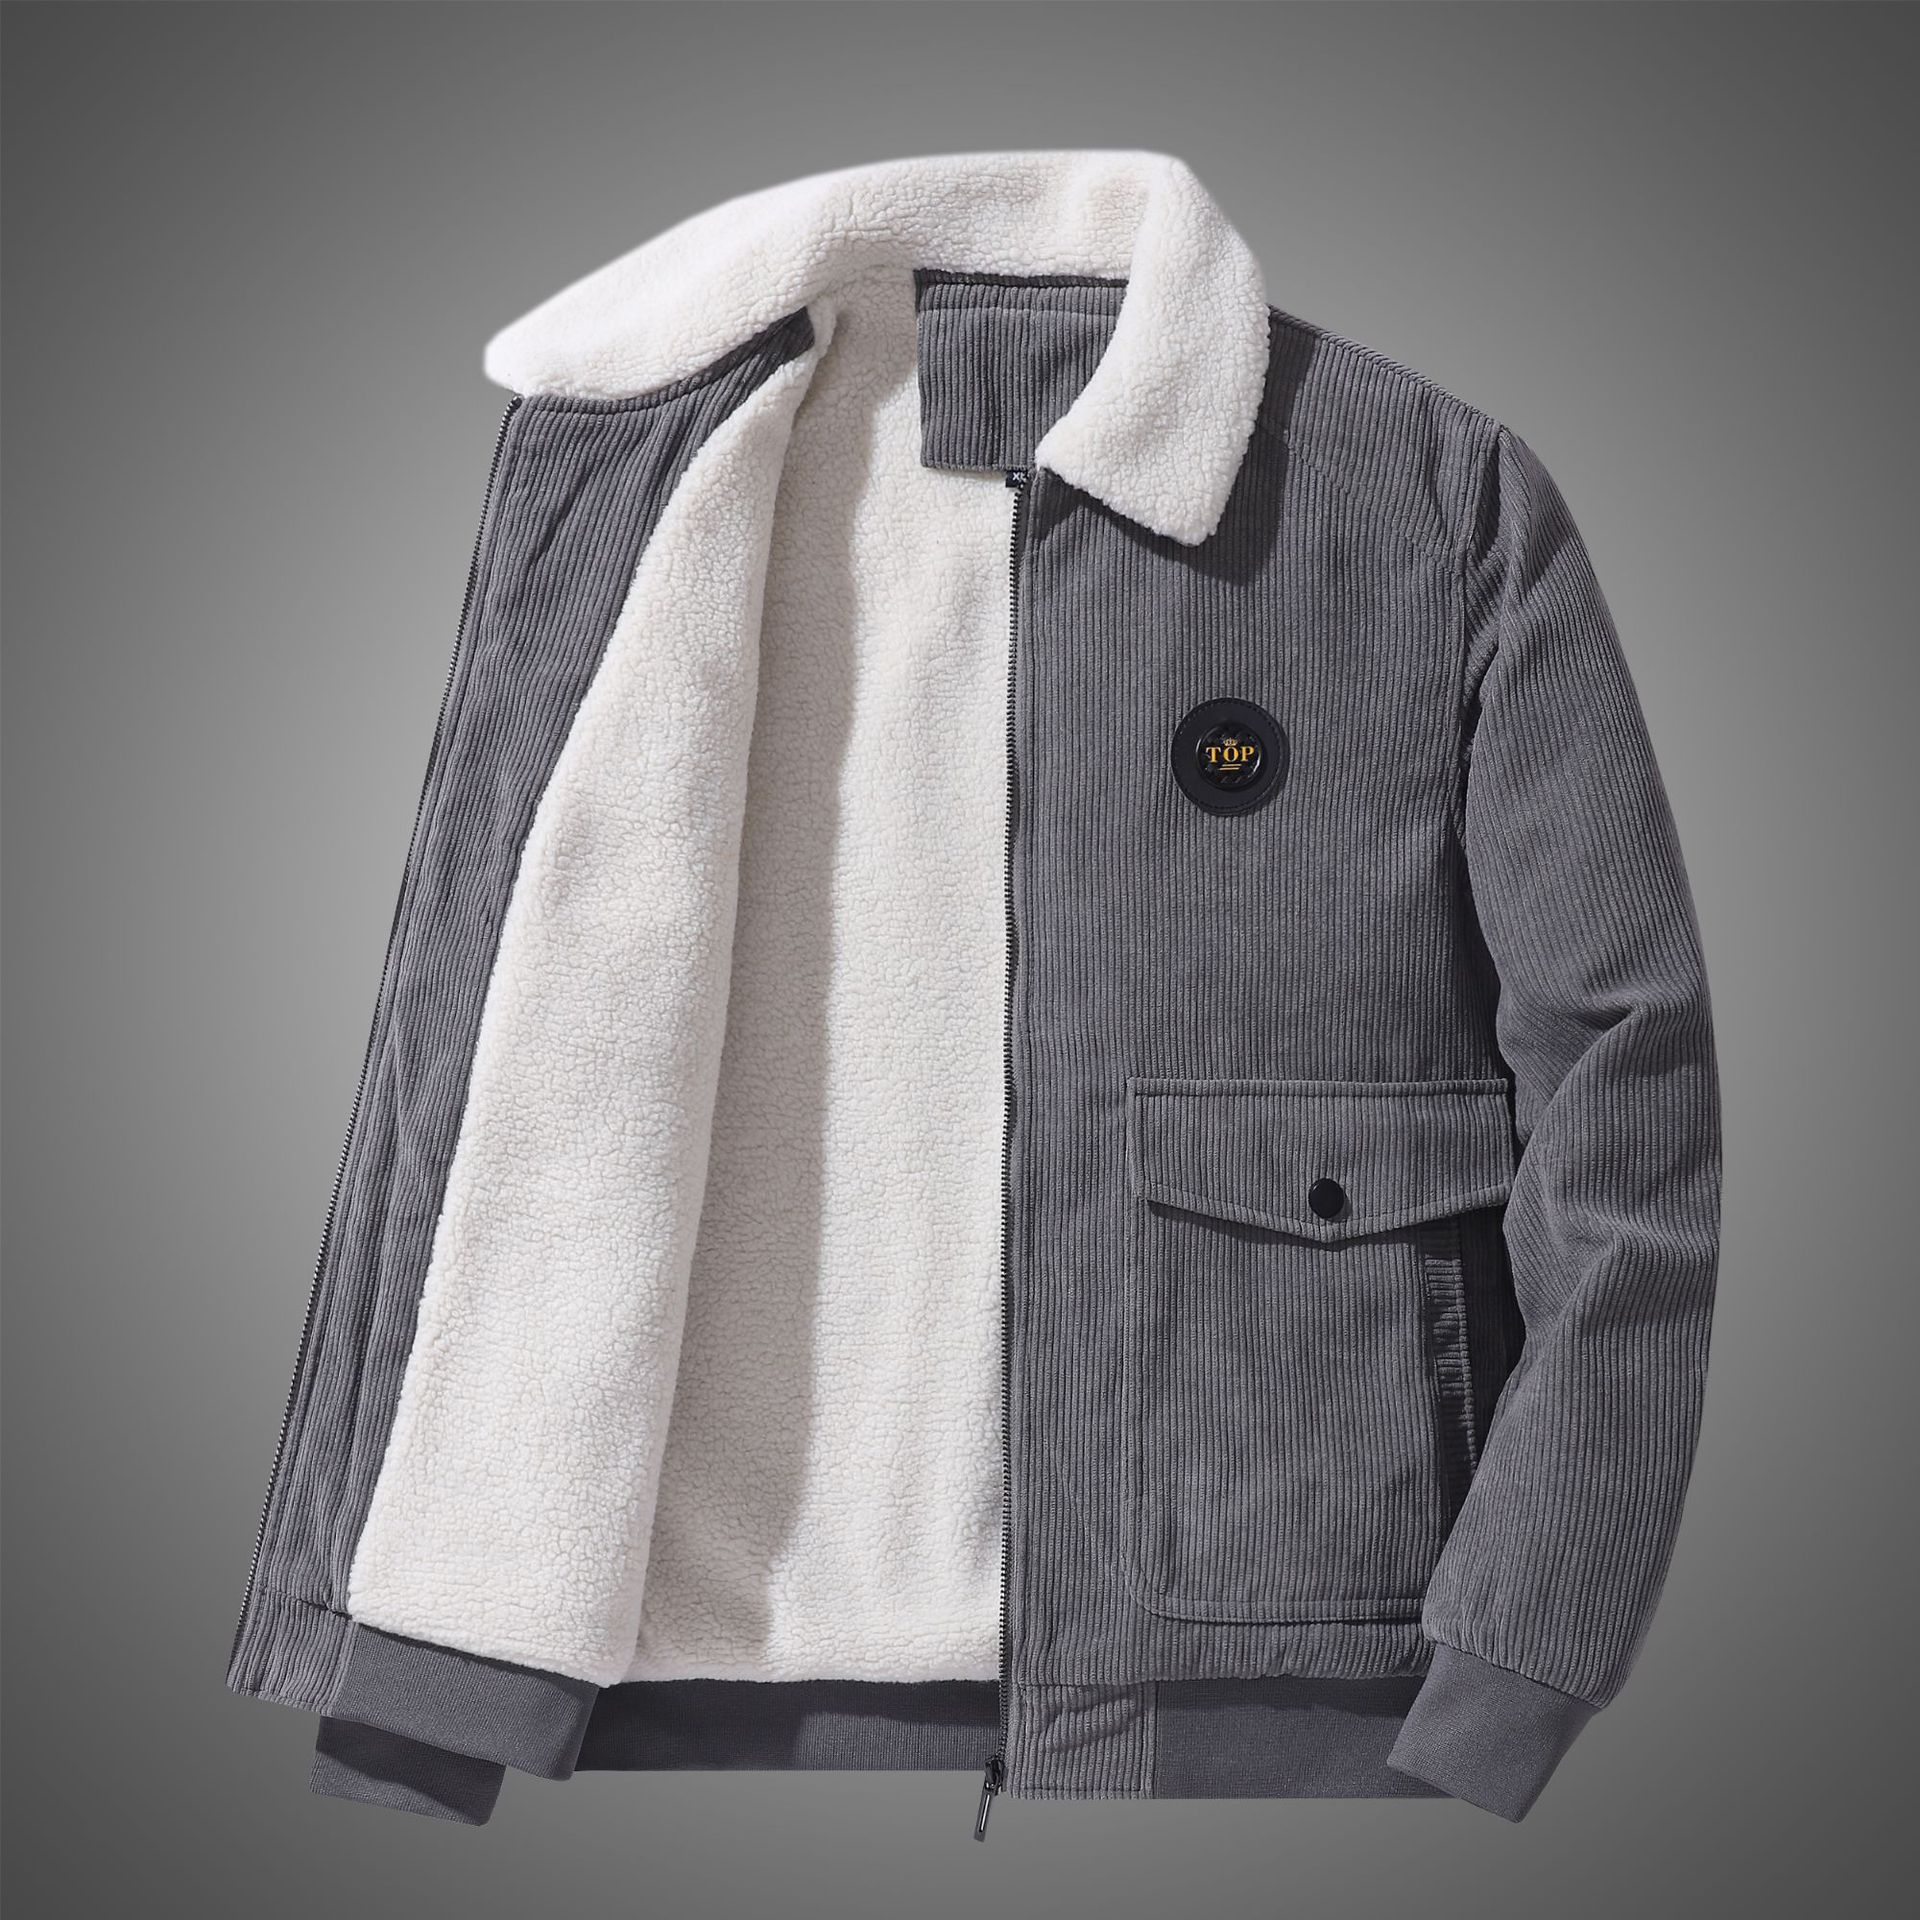 Куртка мужская Вельветовая с имитацией овечьей шерсти, свободная повседневная Вельветовая куртка с несколькими карманами для инструменто...